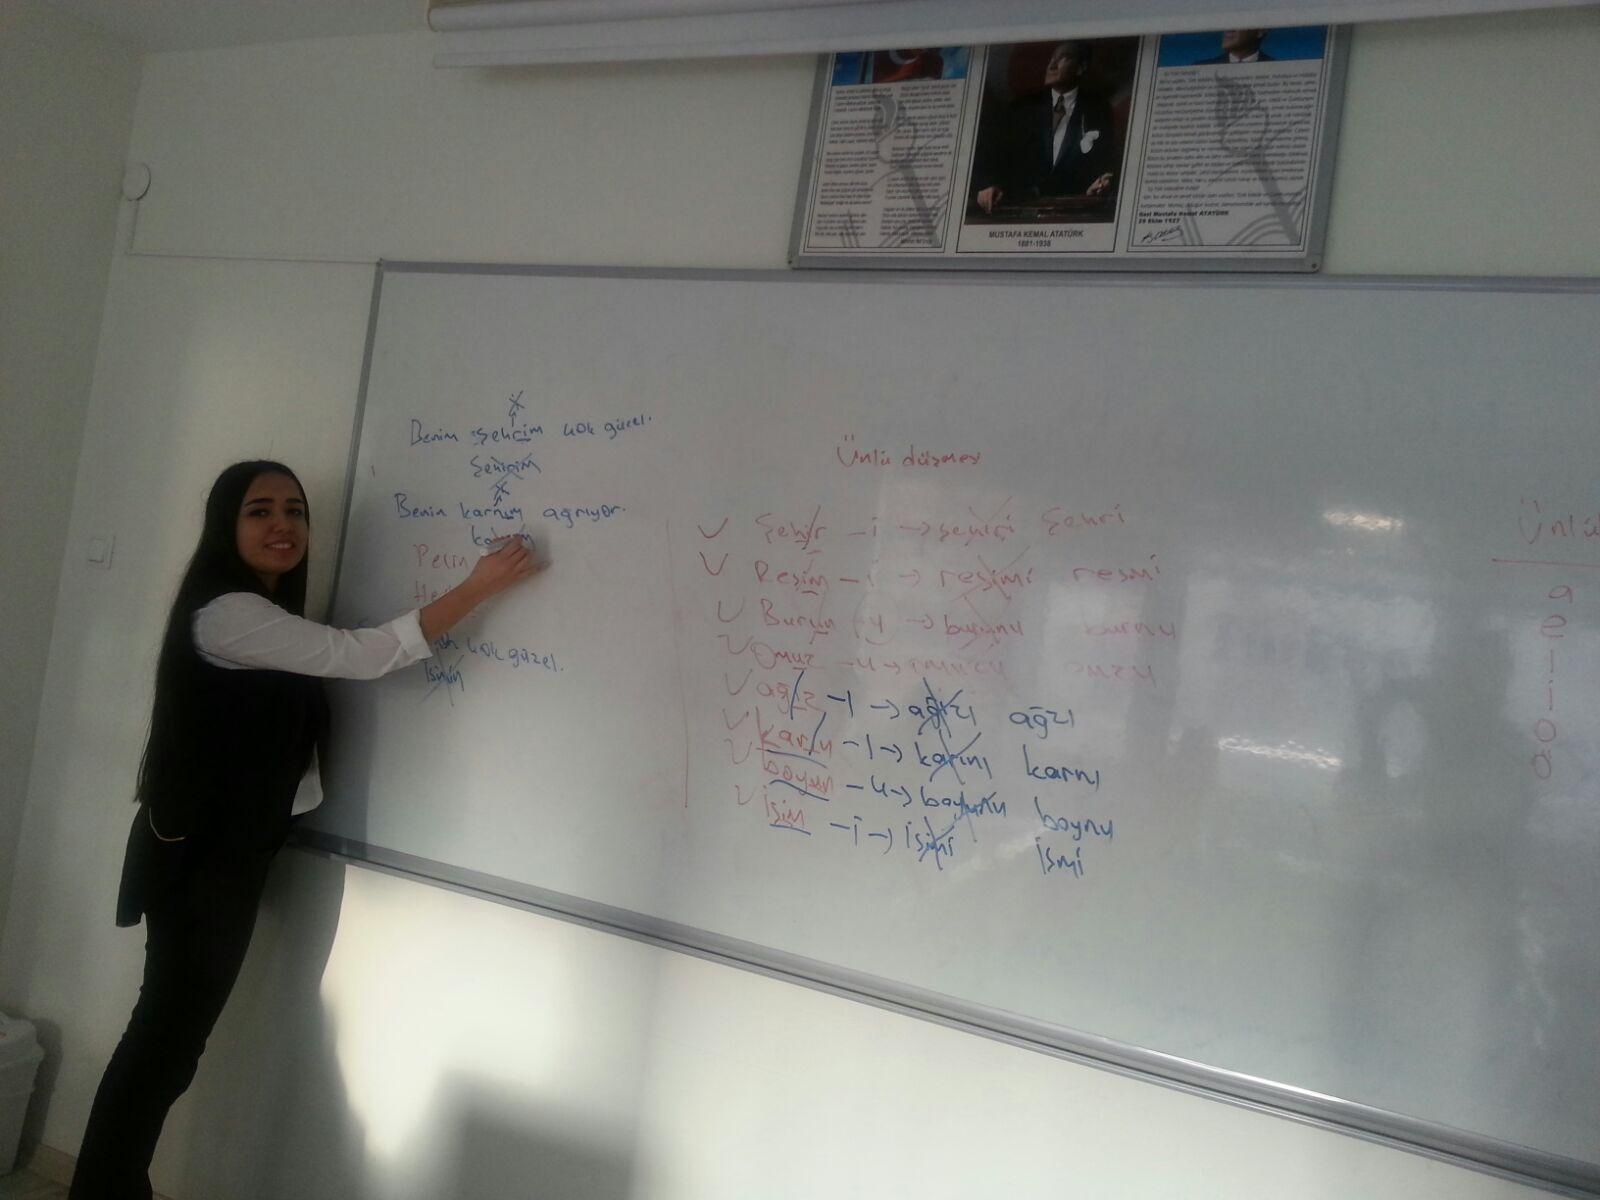 Üniversite Türkçe Hazırlık 5'li Eğitim Paket Programı